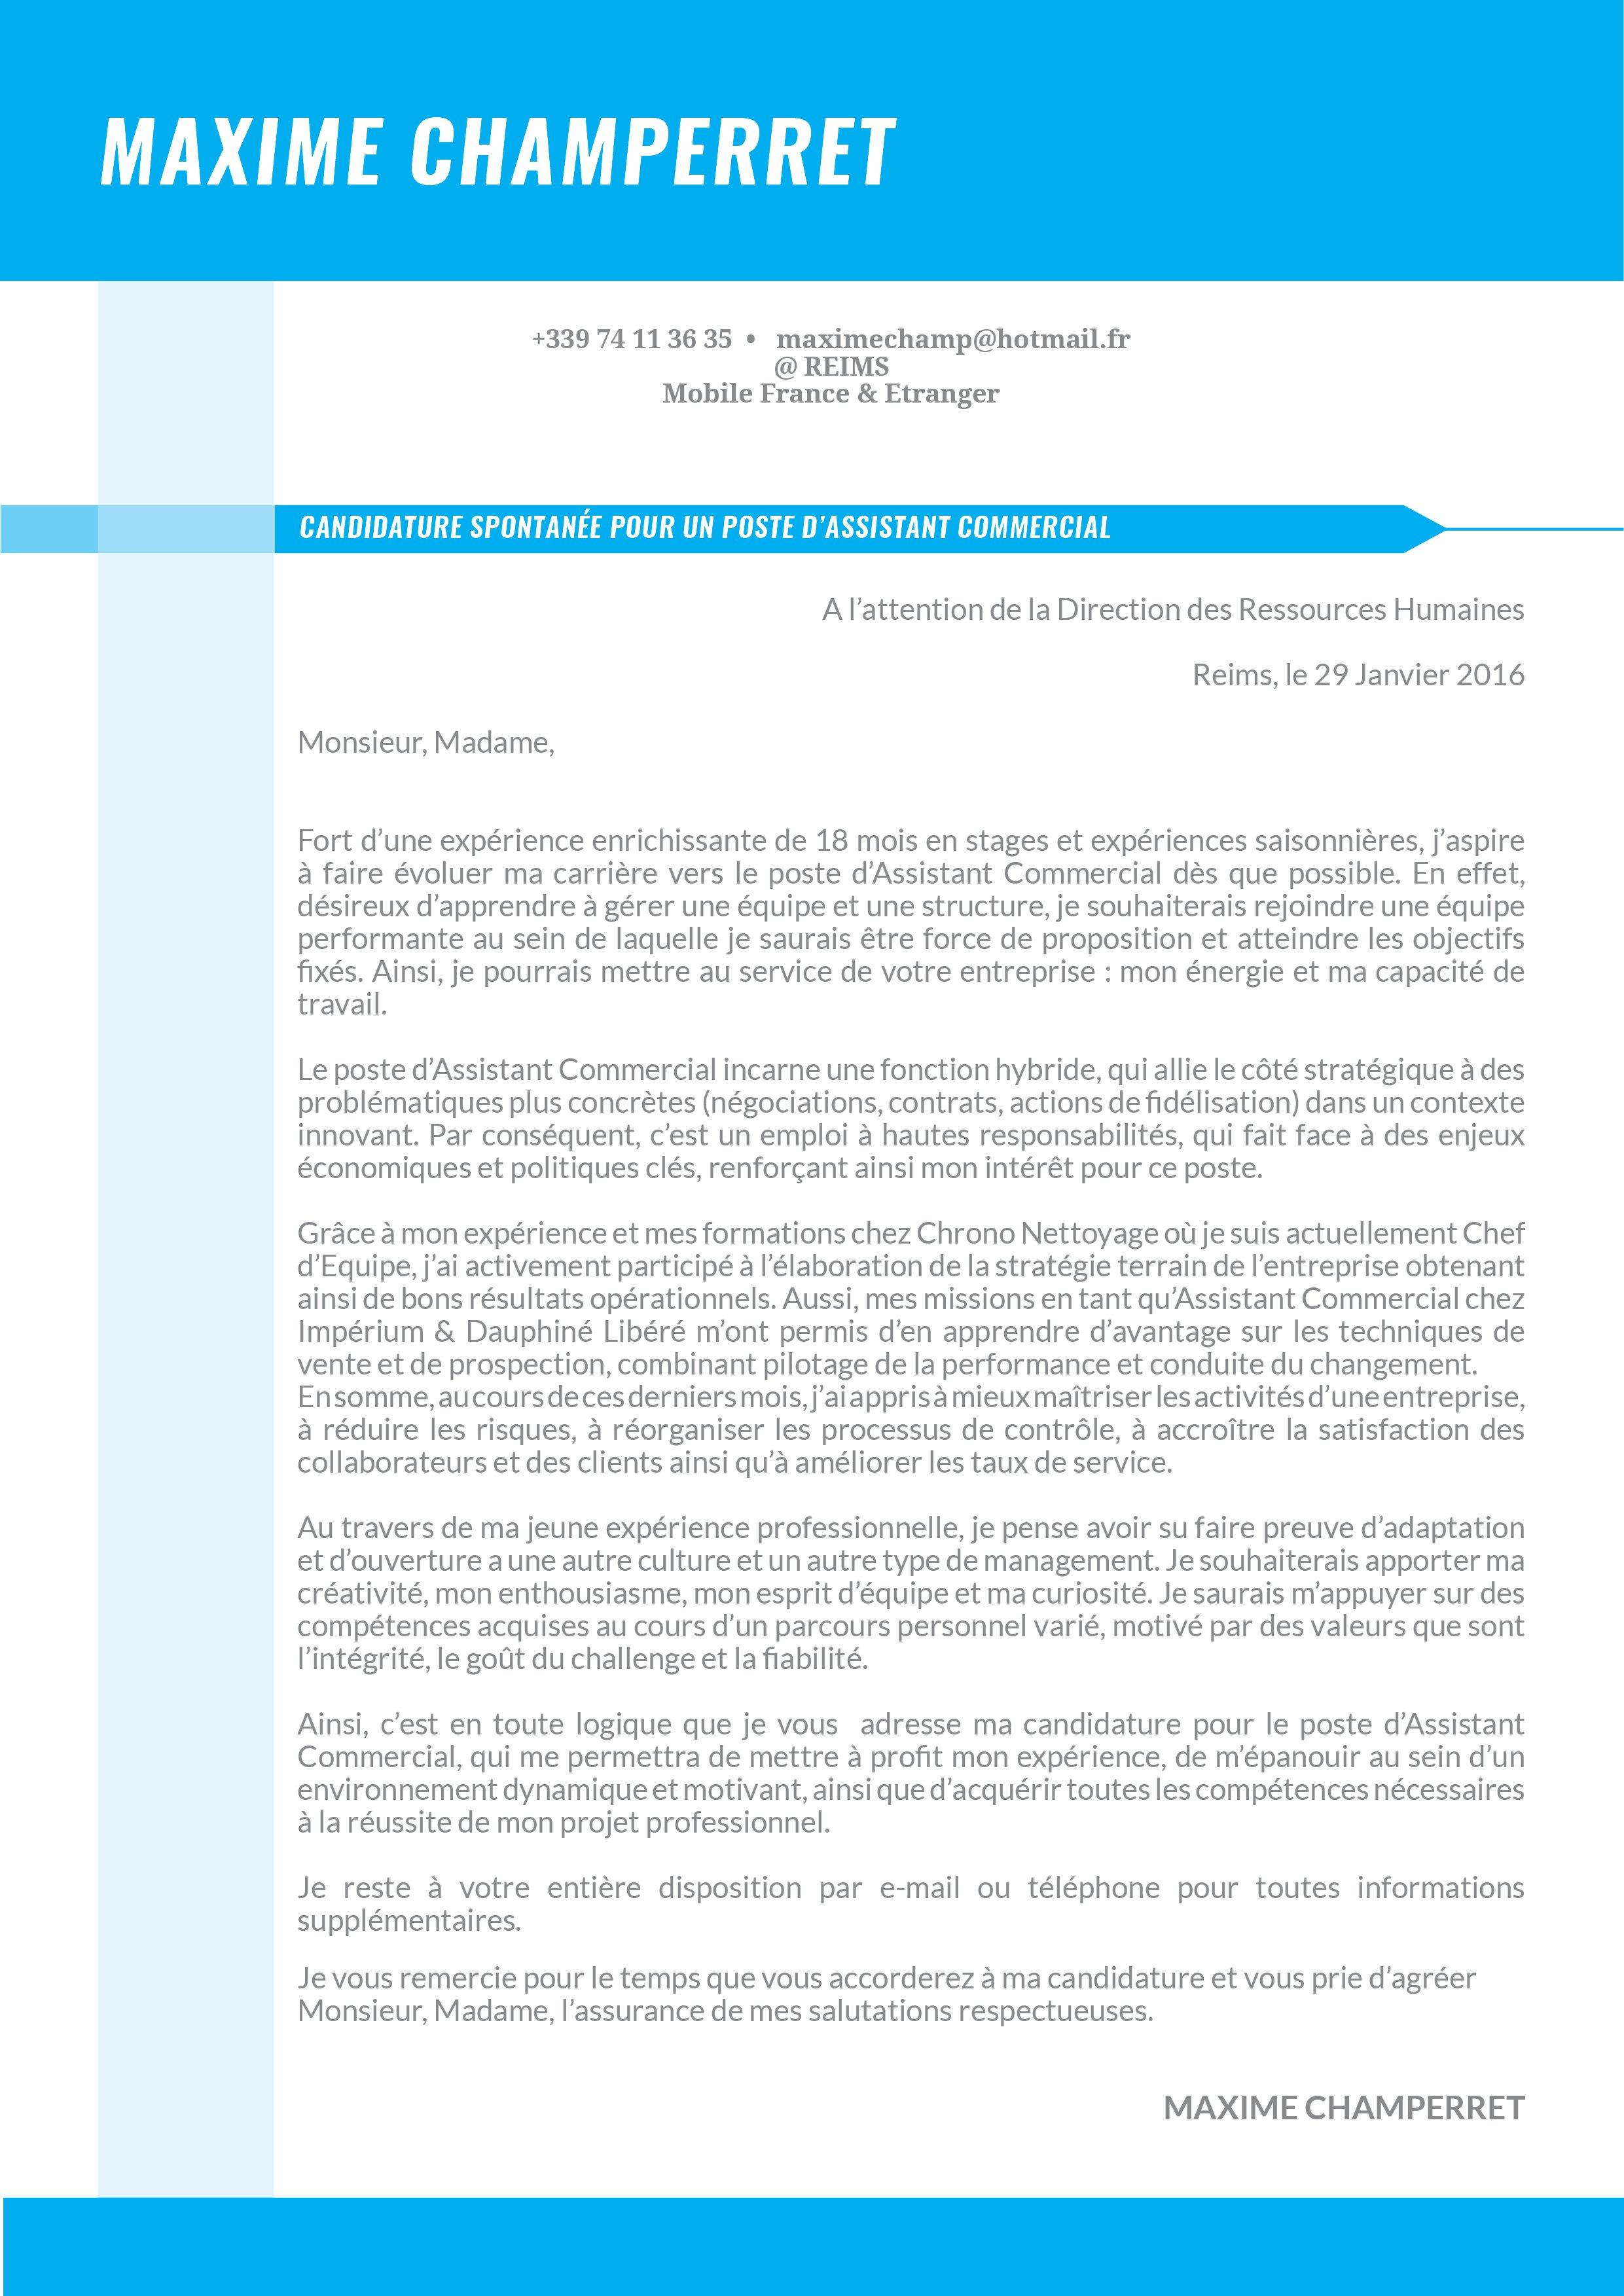 mycvfactory-cover-letter-l-océane-0_RqECQm5.jpg